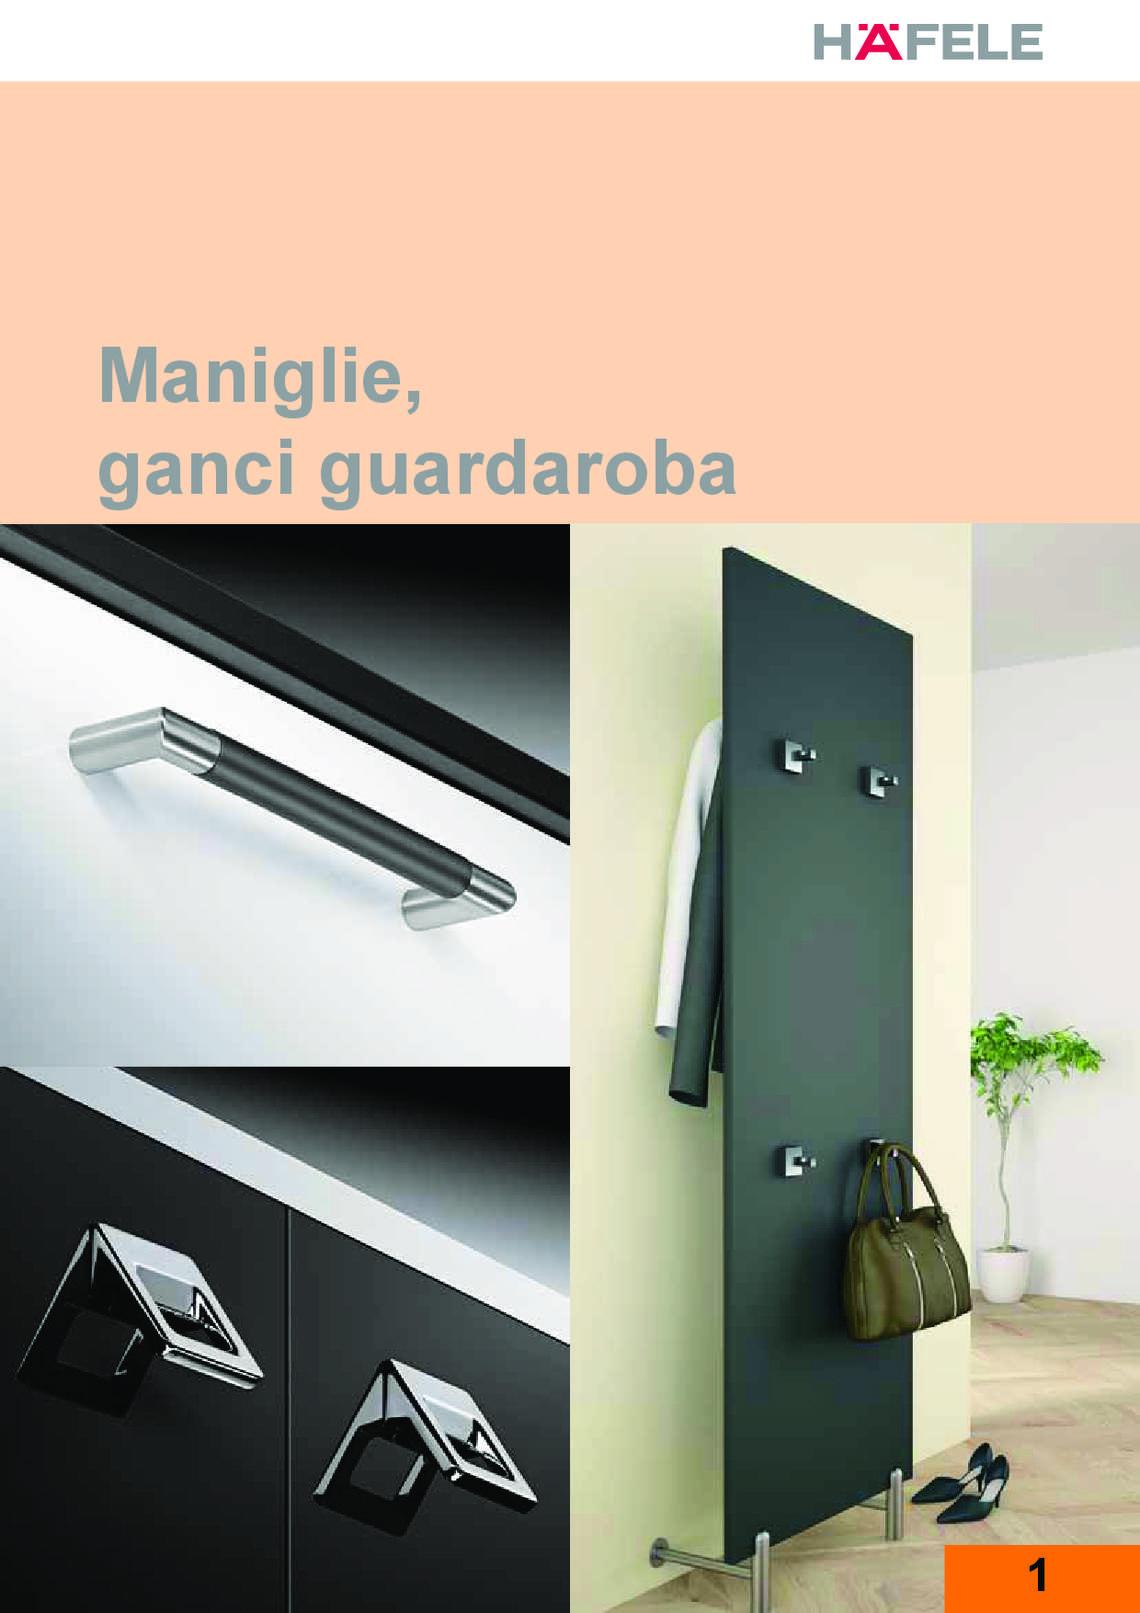 hafele-maniglie-e-pomoli_79_010.jpg